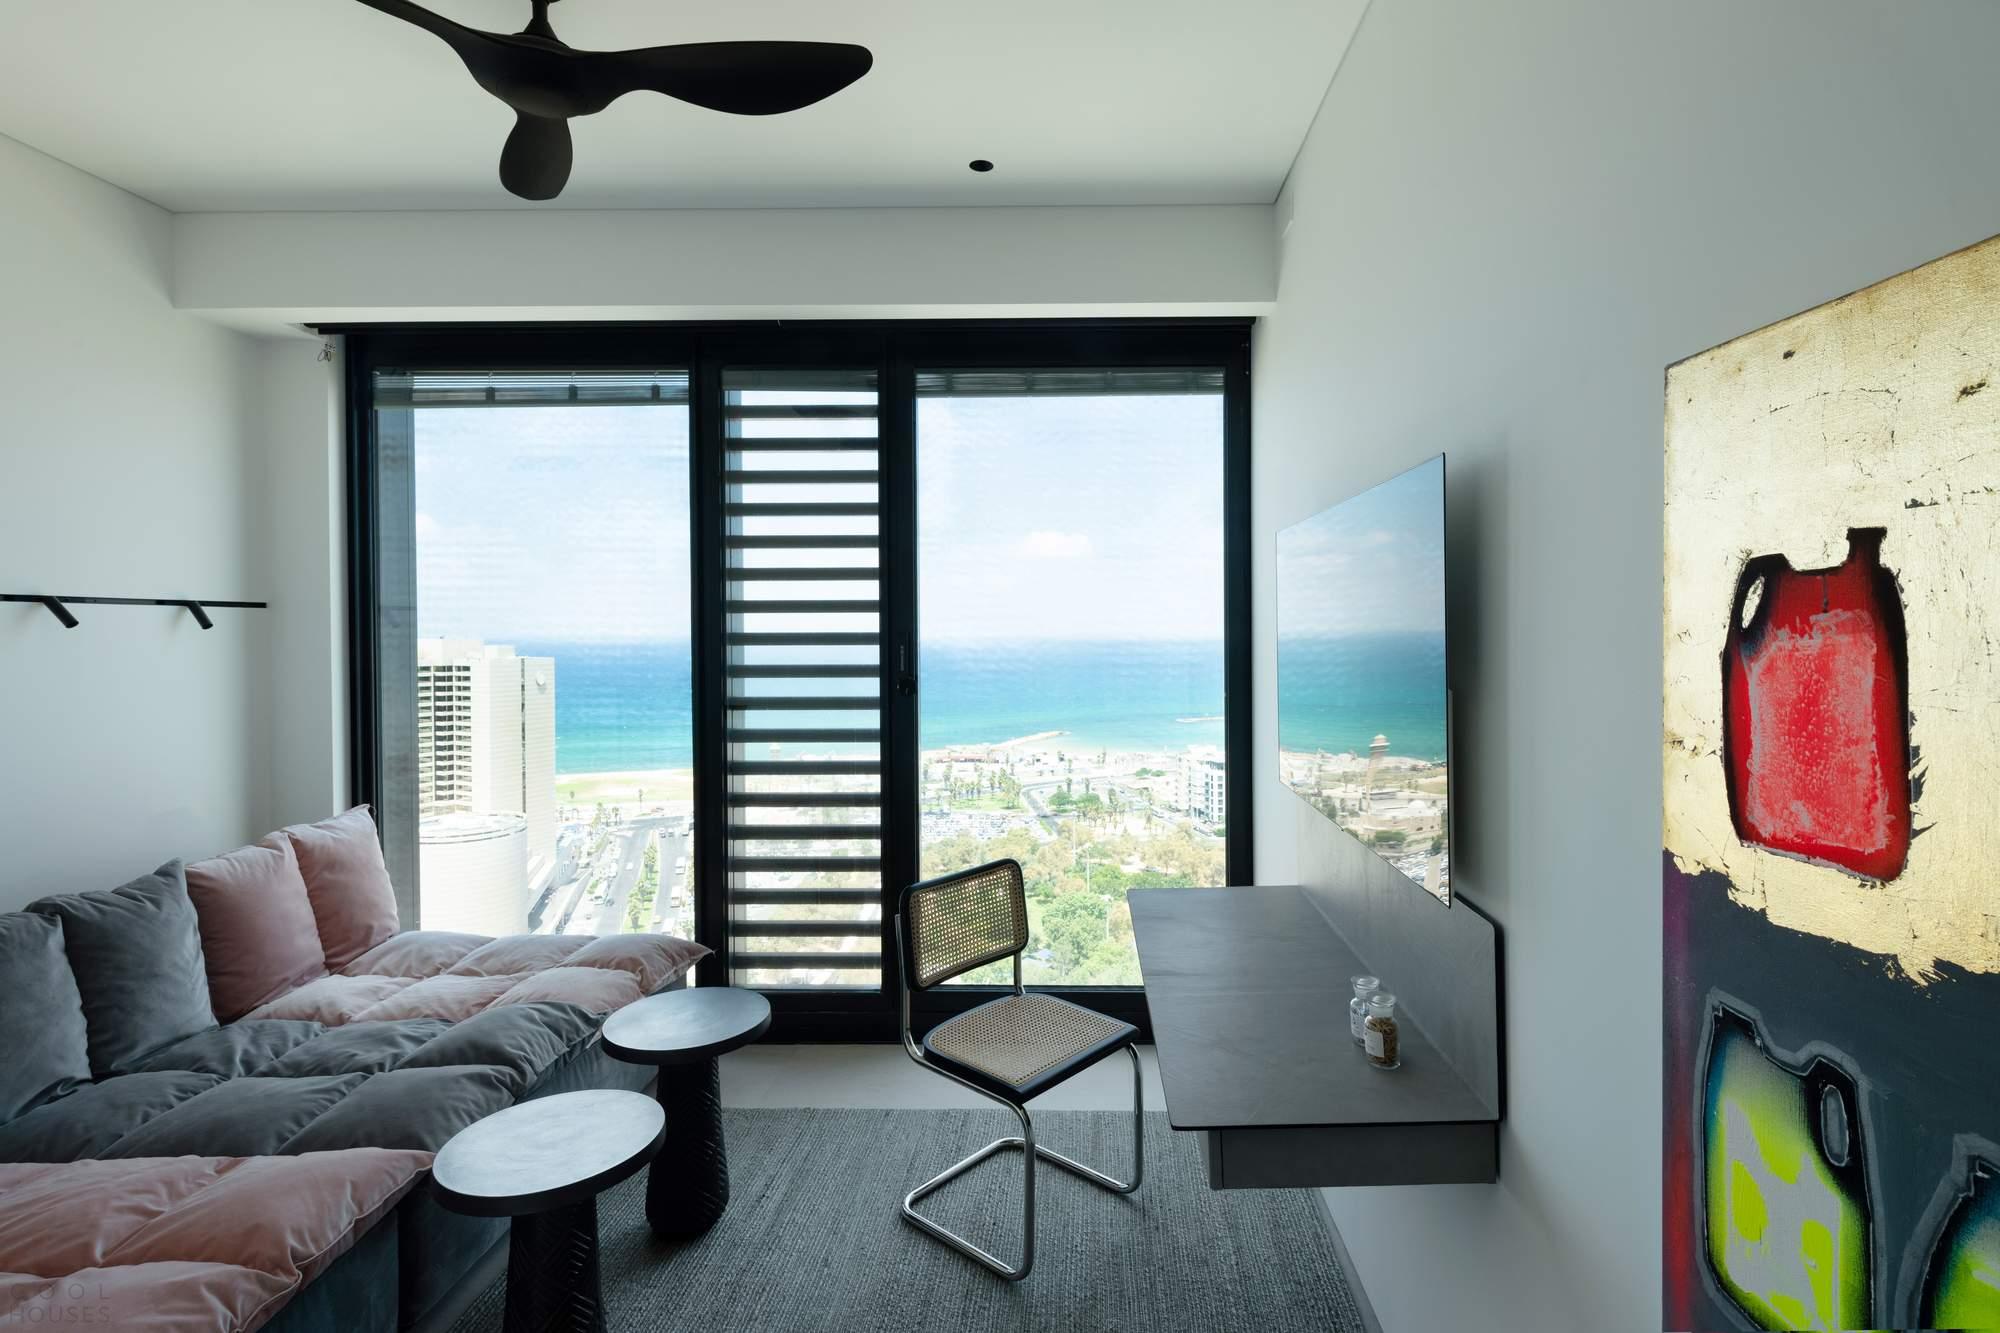 Эффектные апартаменты на берегу моря, Израиль